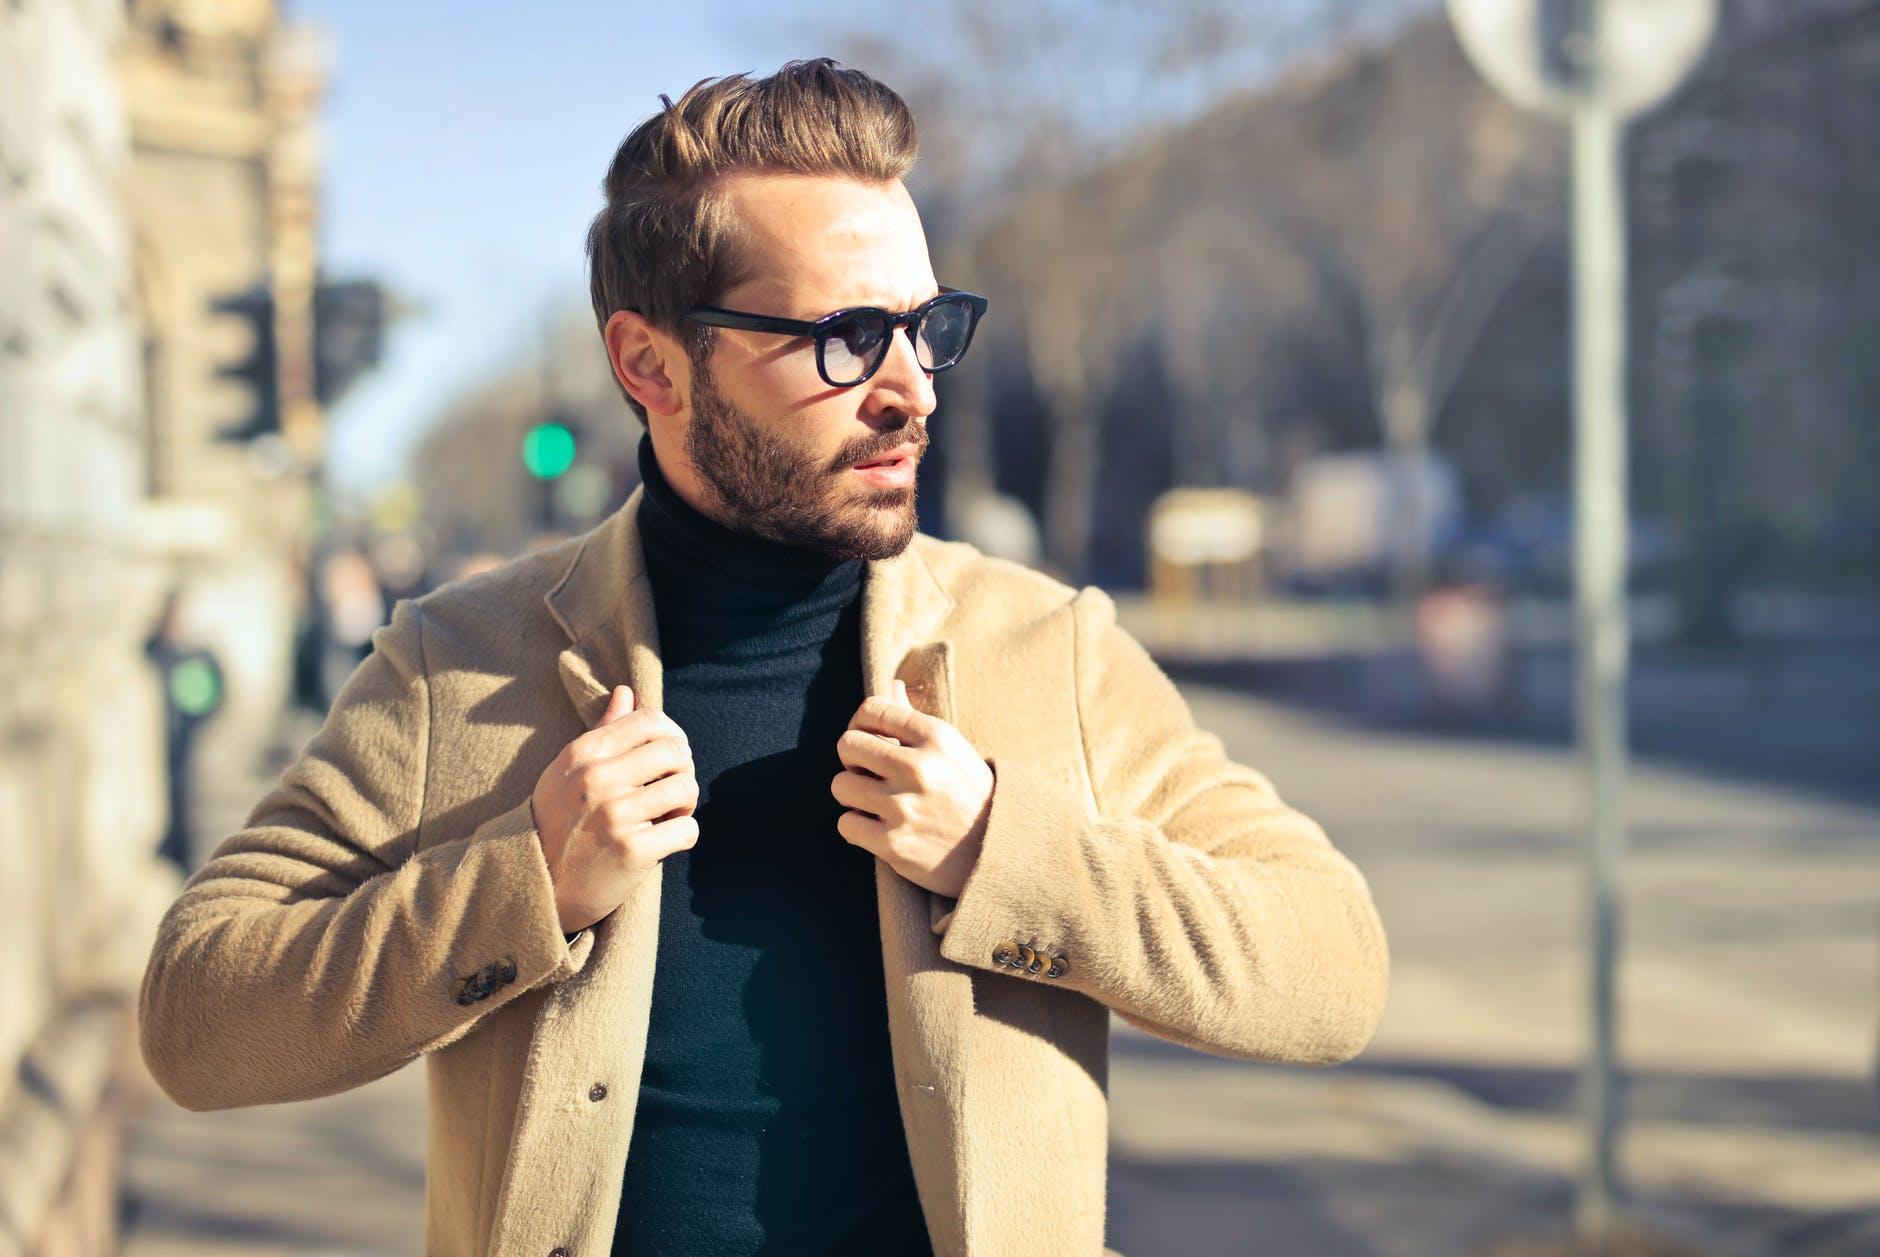 Jakie dodatki dopasować do stylu eleganckiego w stylizacji męskiej?